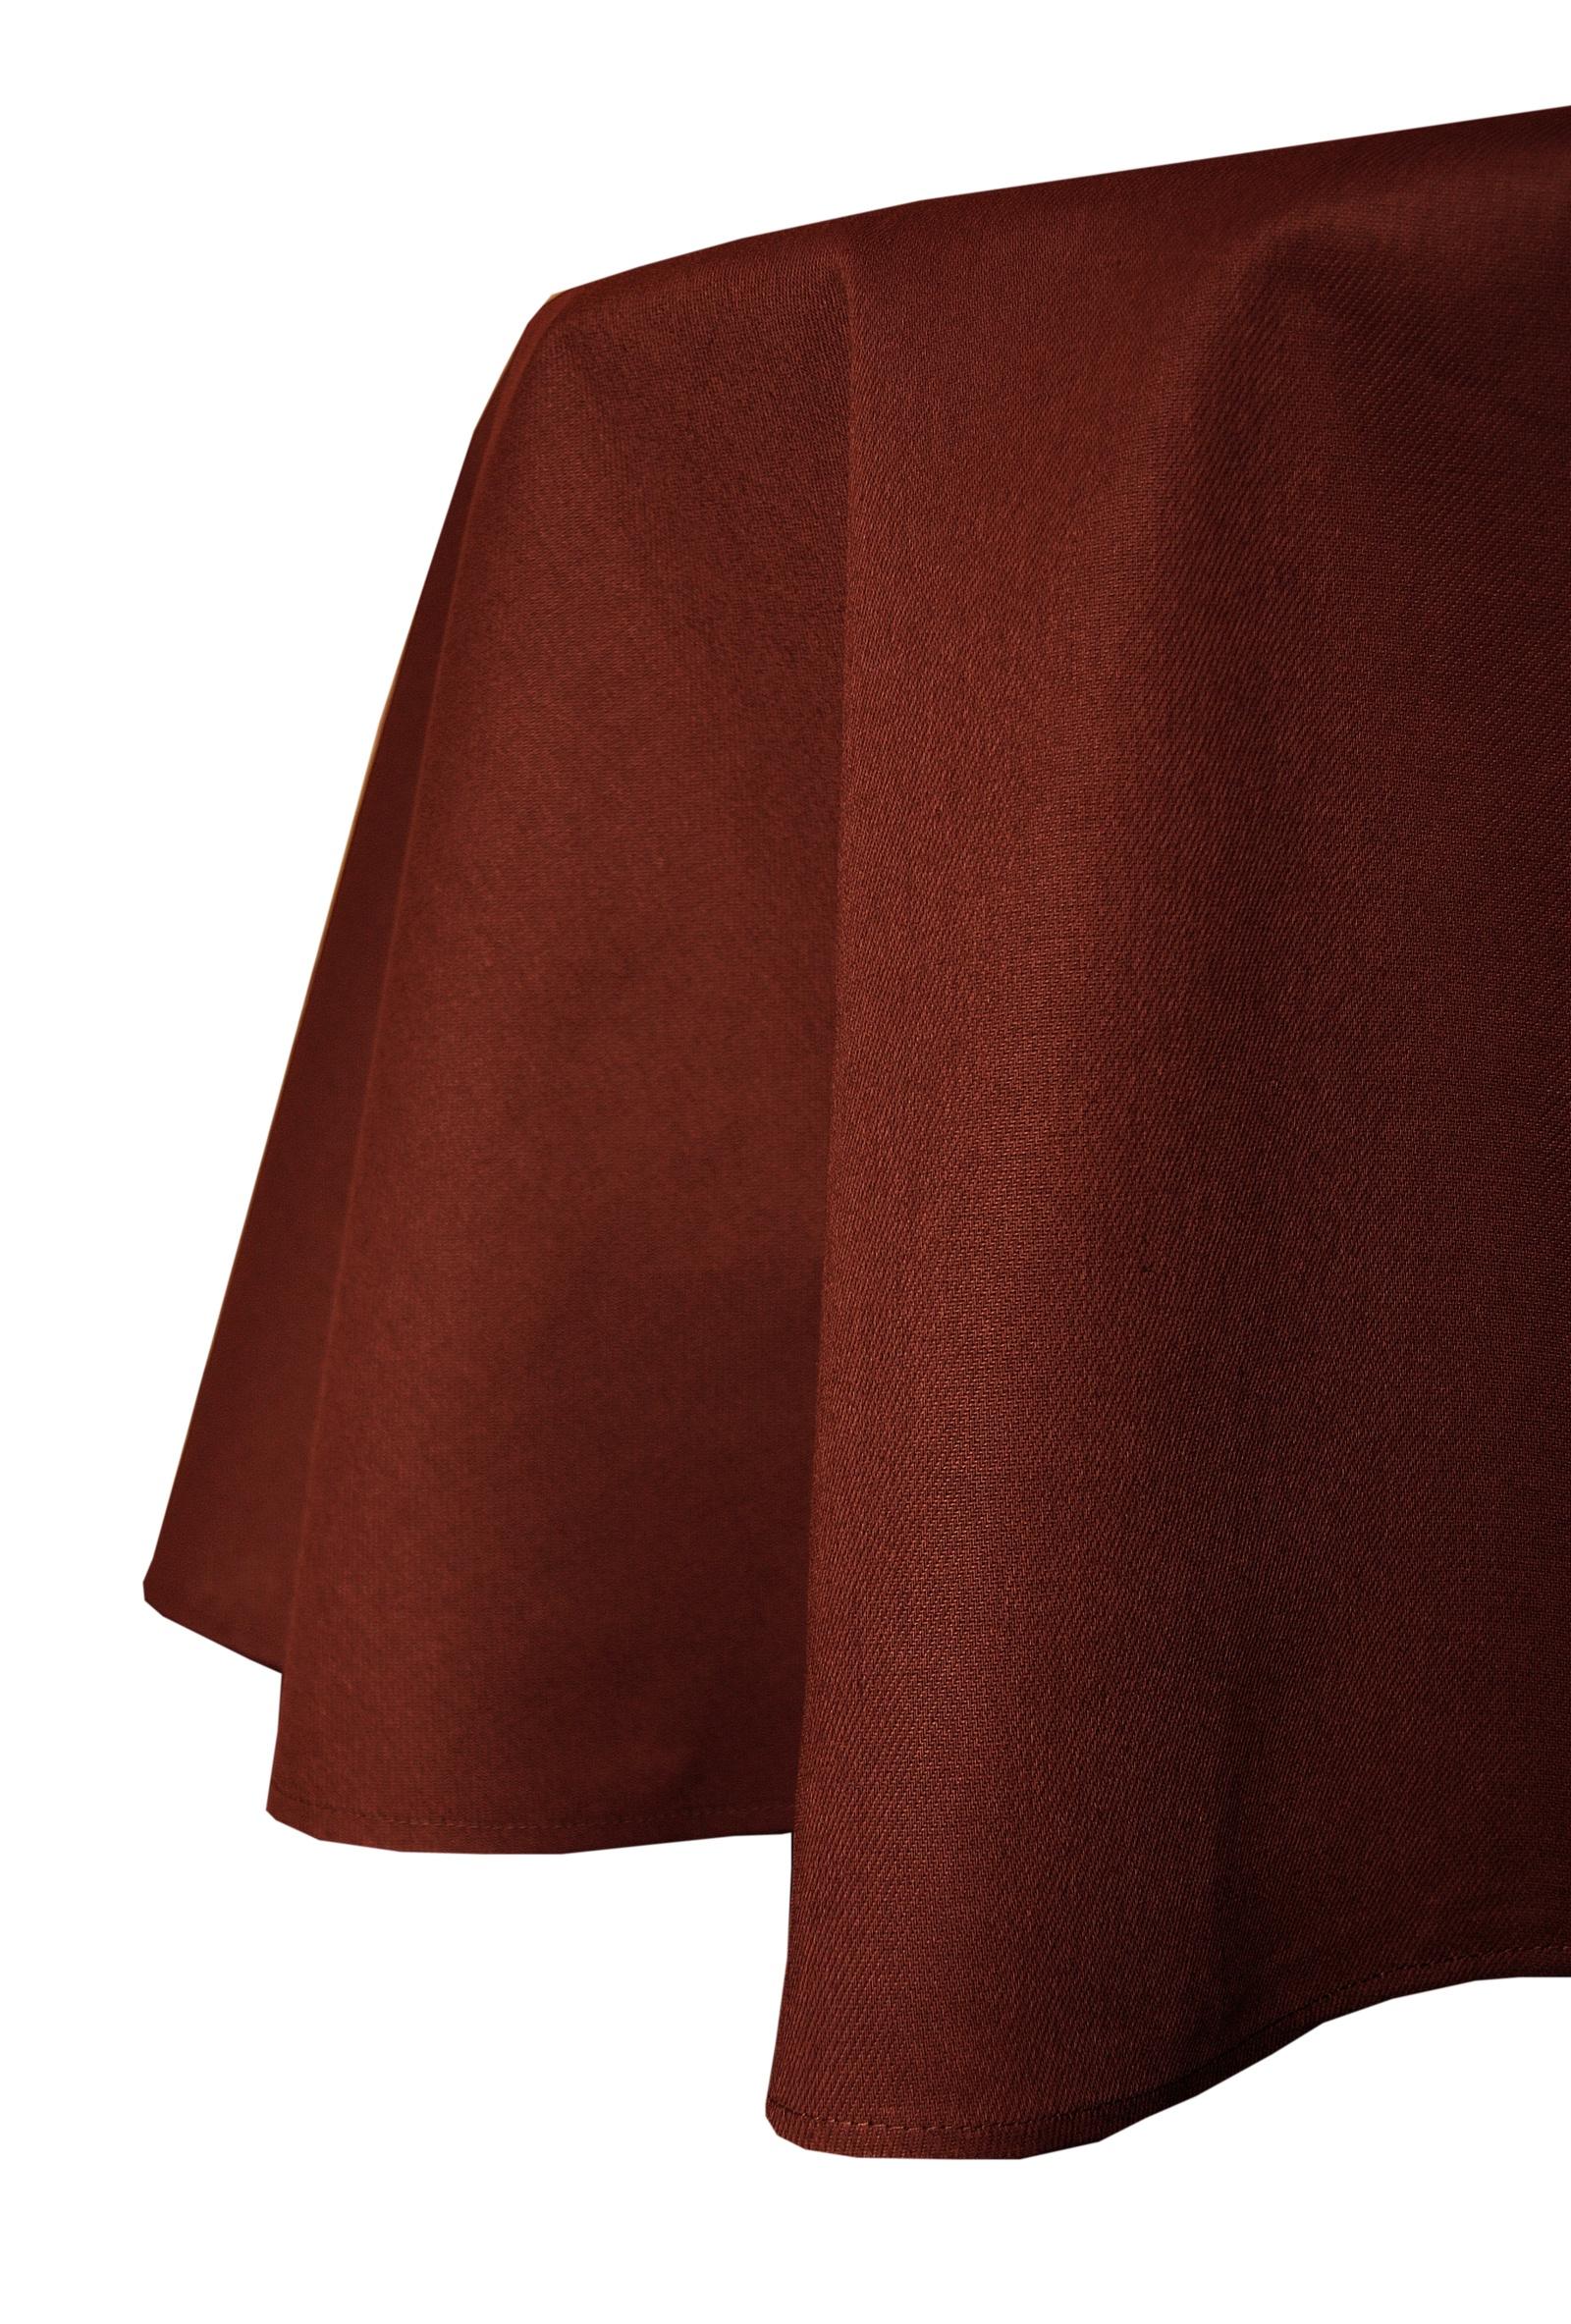 Скатерть овальная Naturel 150х250 Однотонная коллекция блюдо vellarti бассет вращающееся диаметр 30 см 2170035